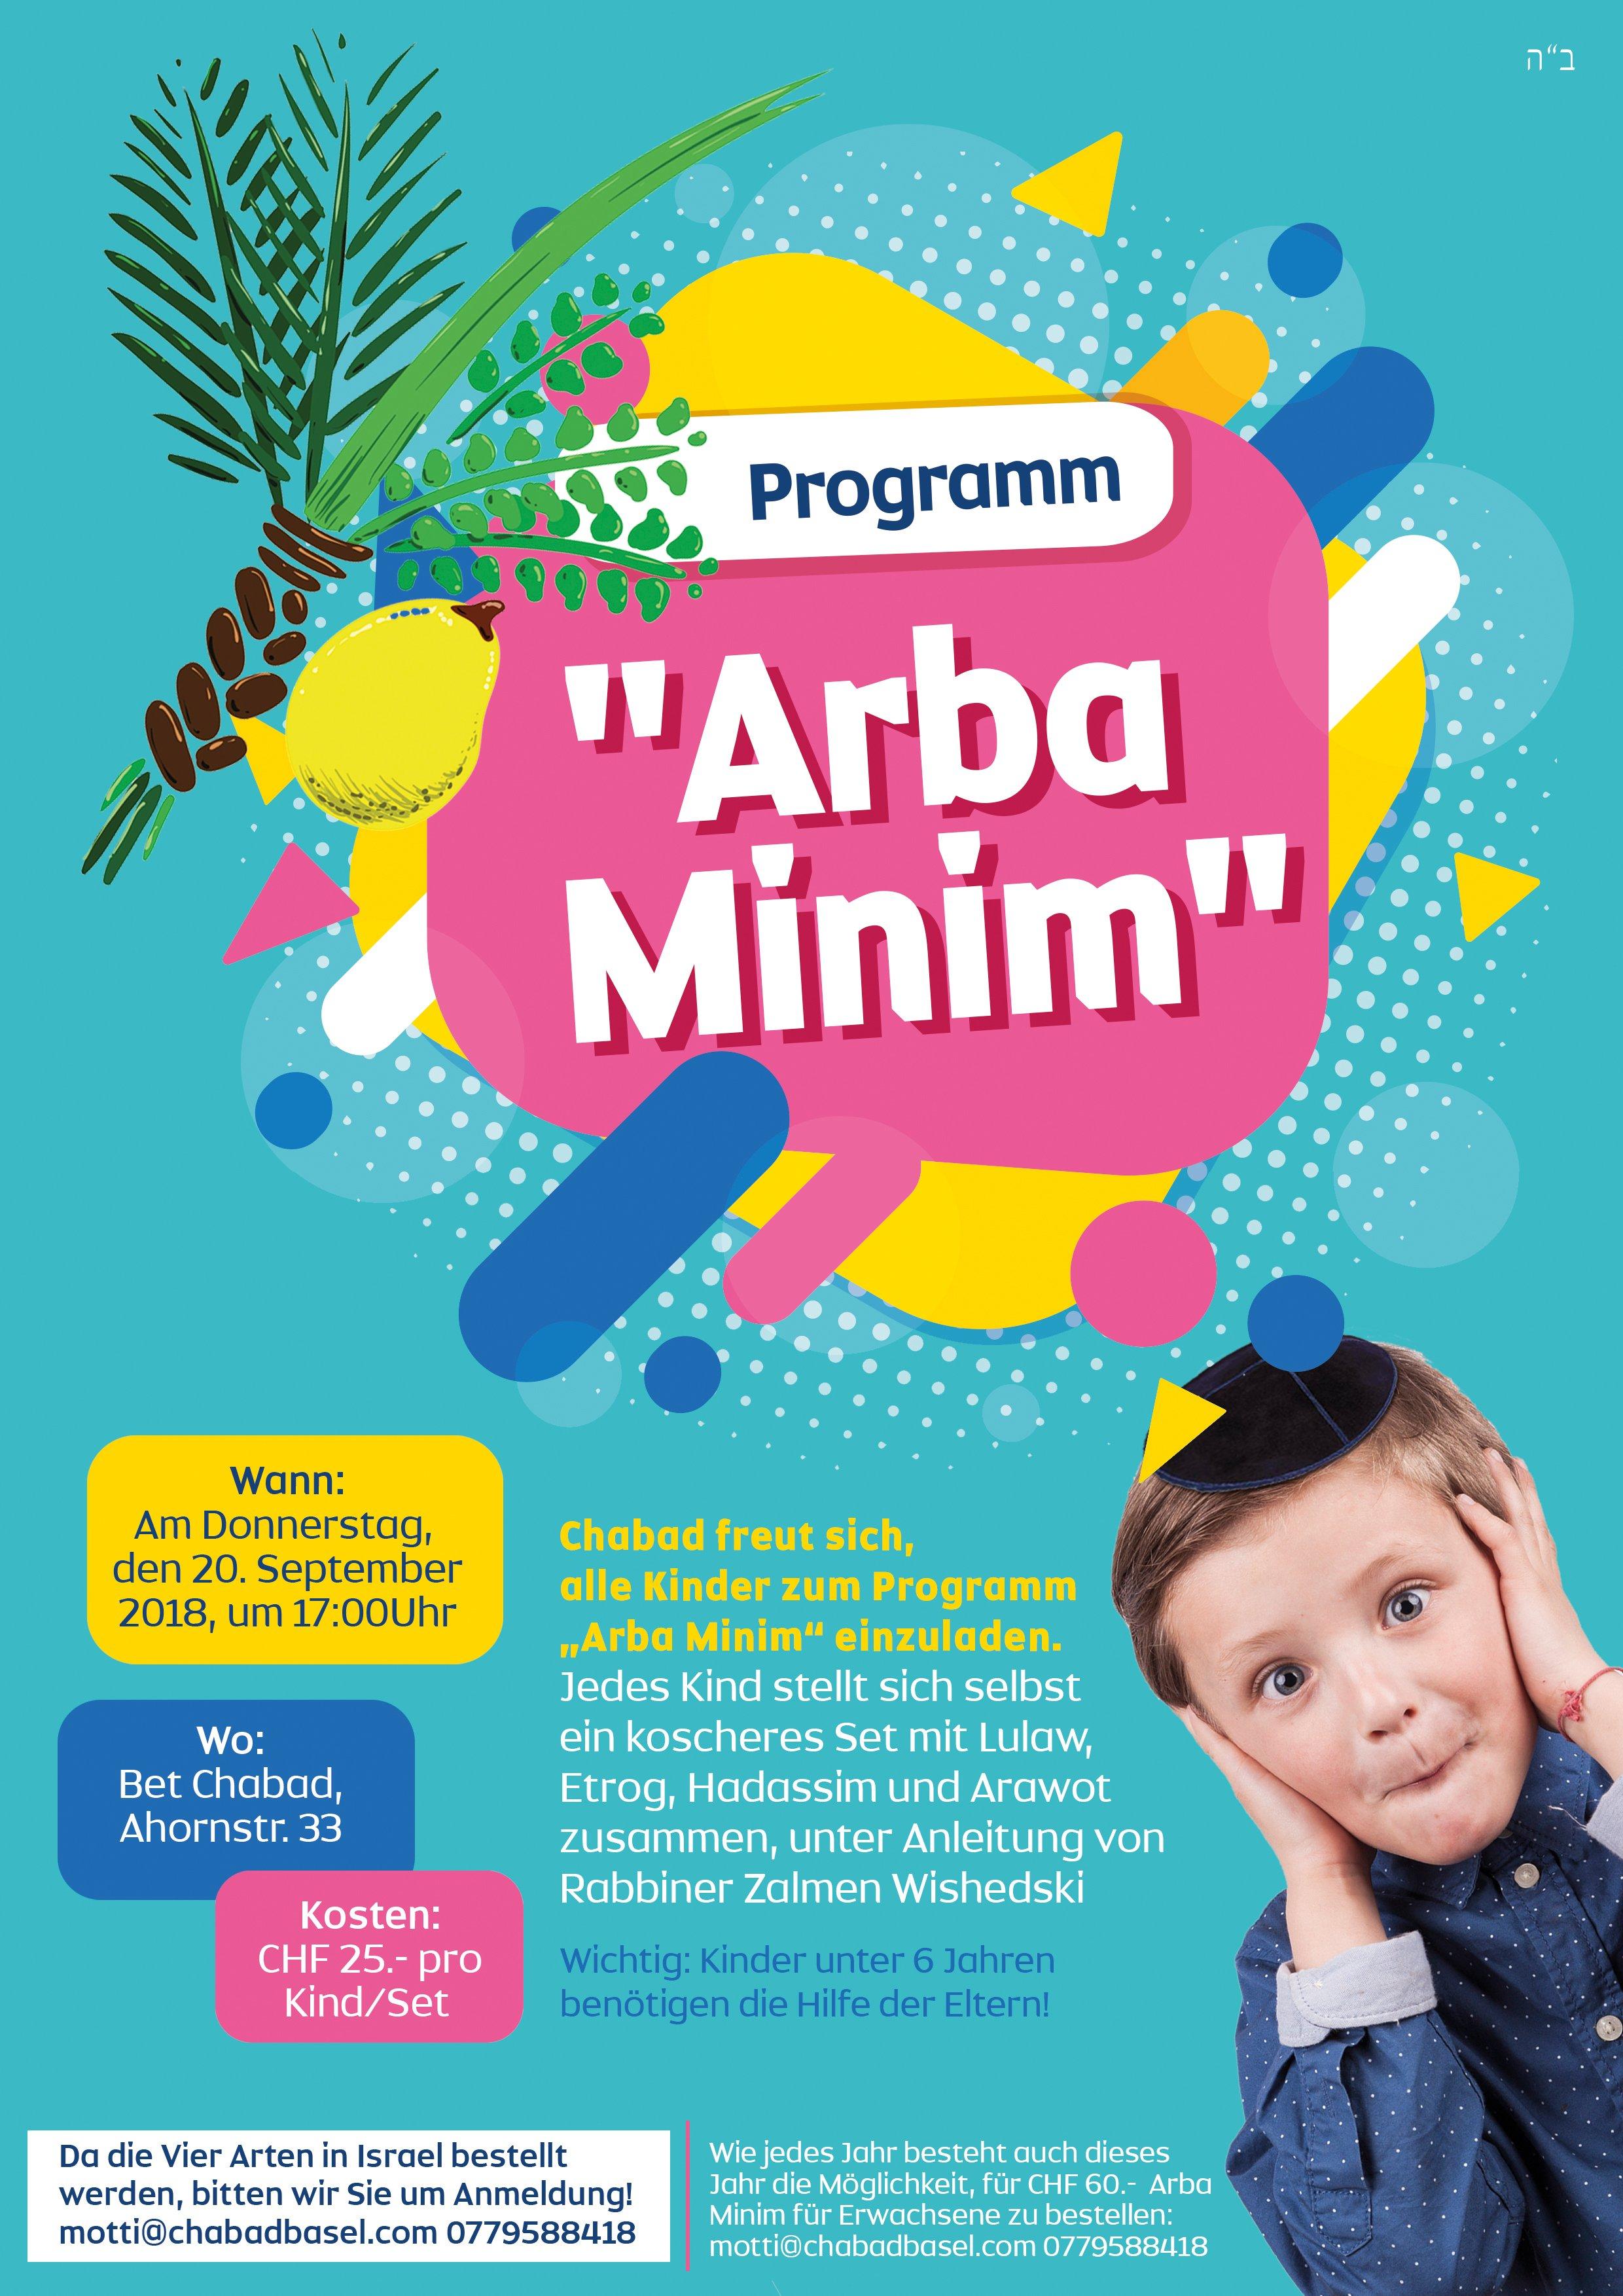 Kids Arba Minim.jpg